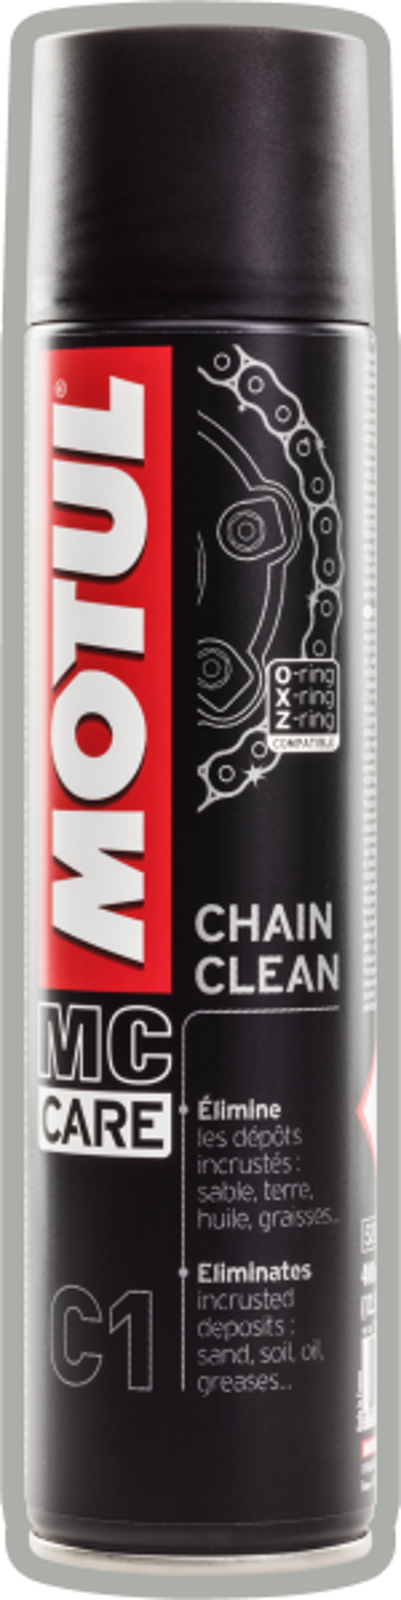 MOTUL AG MOTUL C1 Chain Clean 0,4L